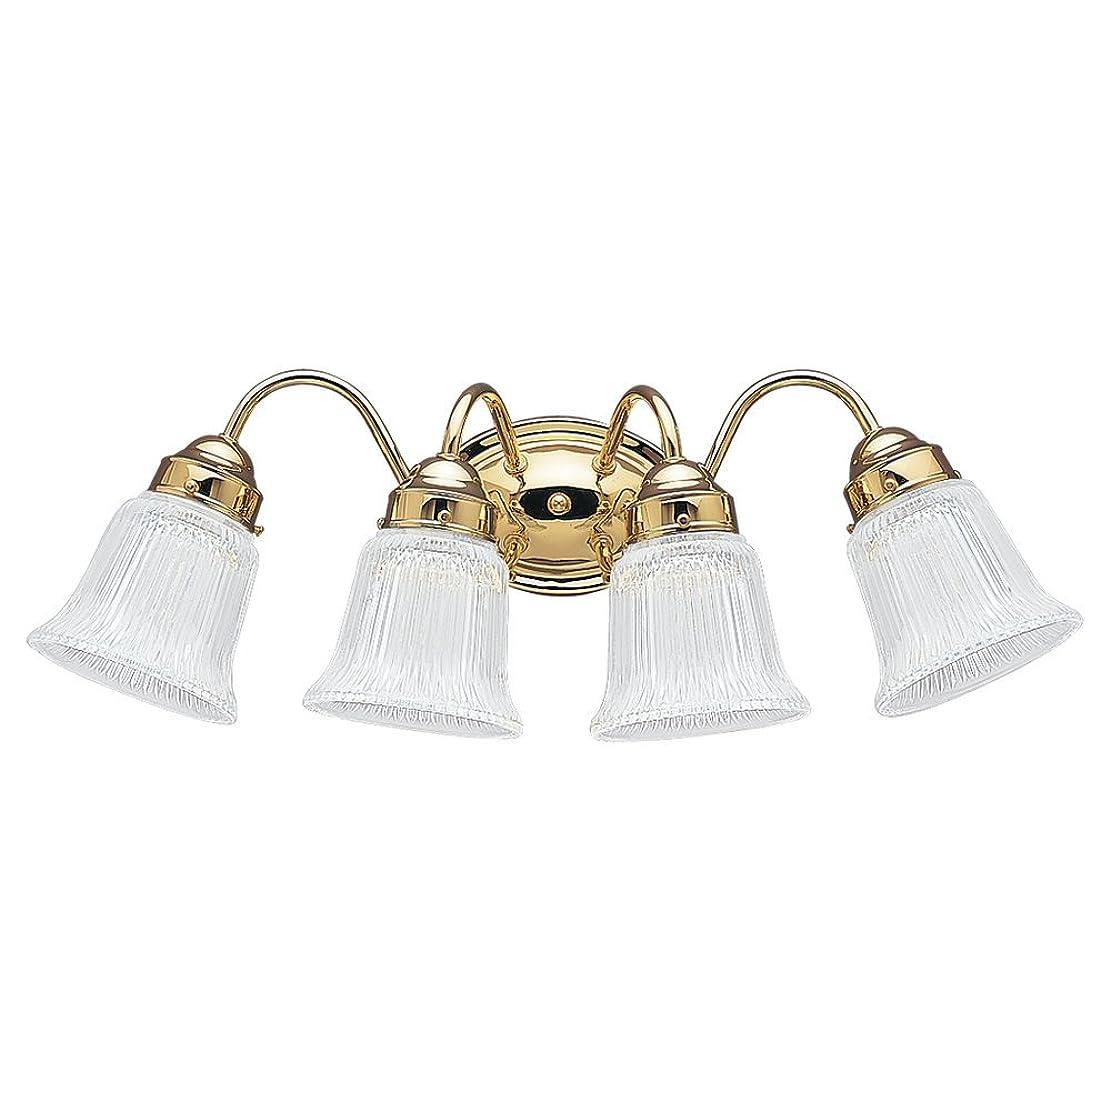 シンプルなプリーツ平らにするSea Gull照明4873?brookchester 4ライト浴室洗面化粧台ライト、 ゴールド 4873-02 1